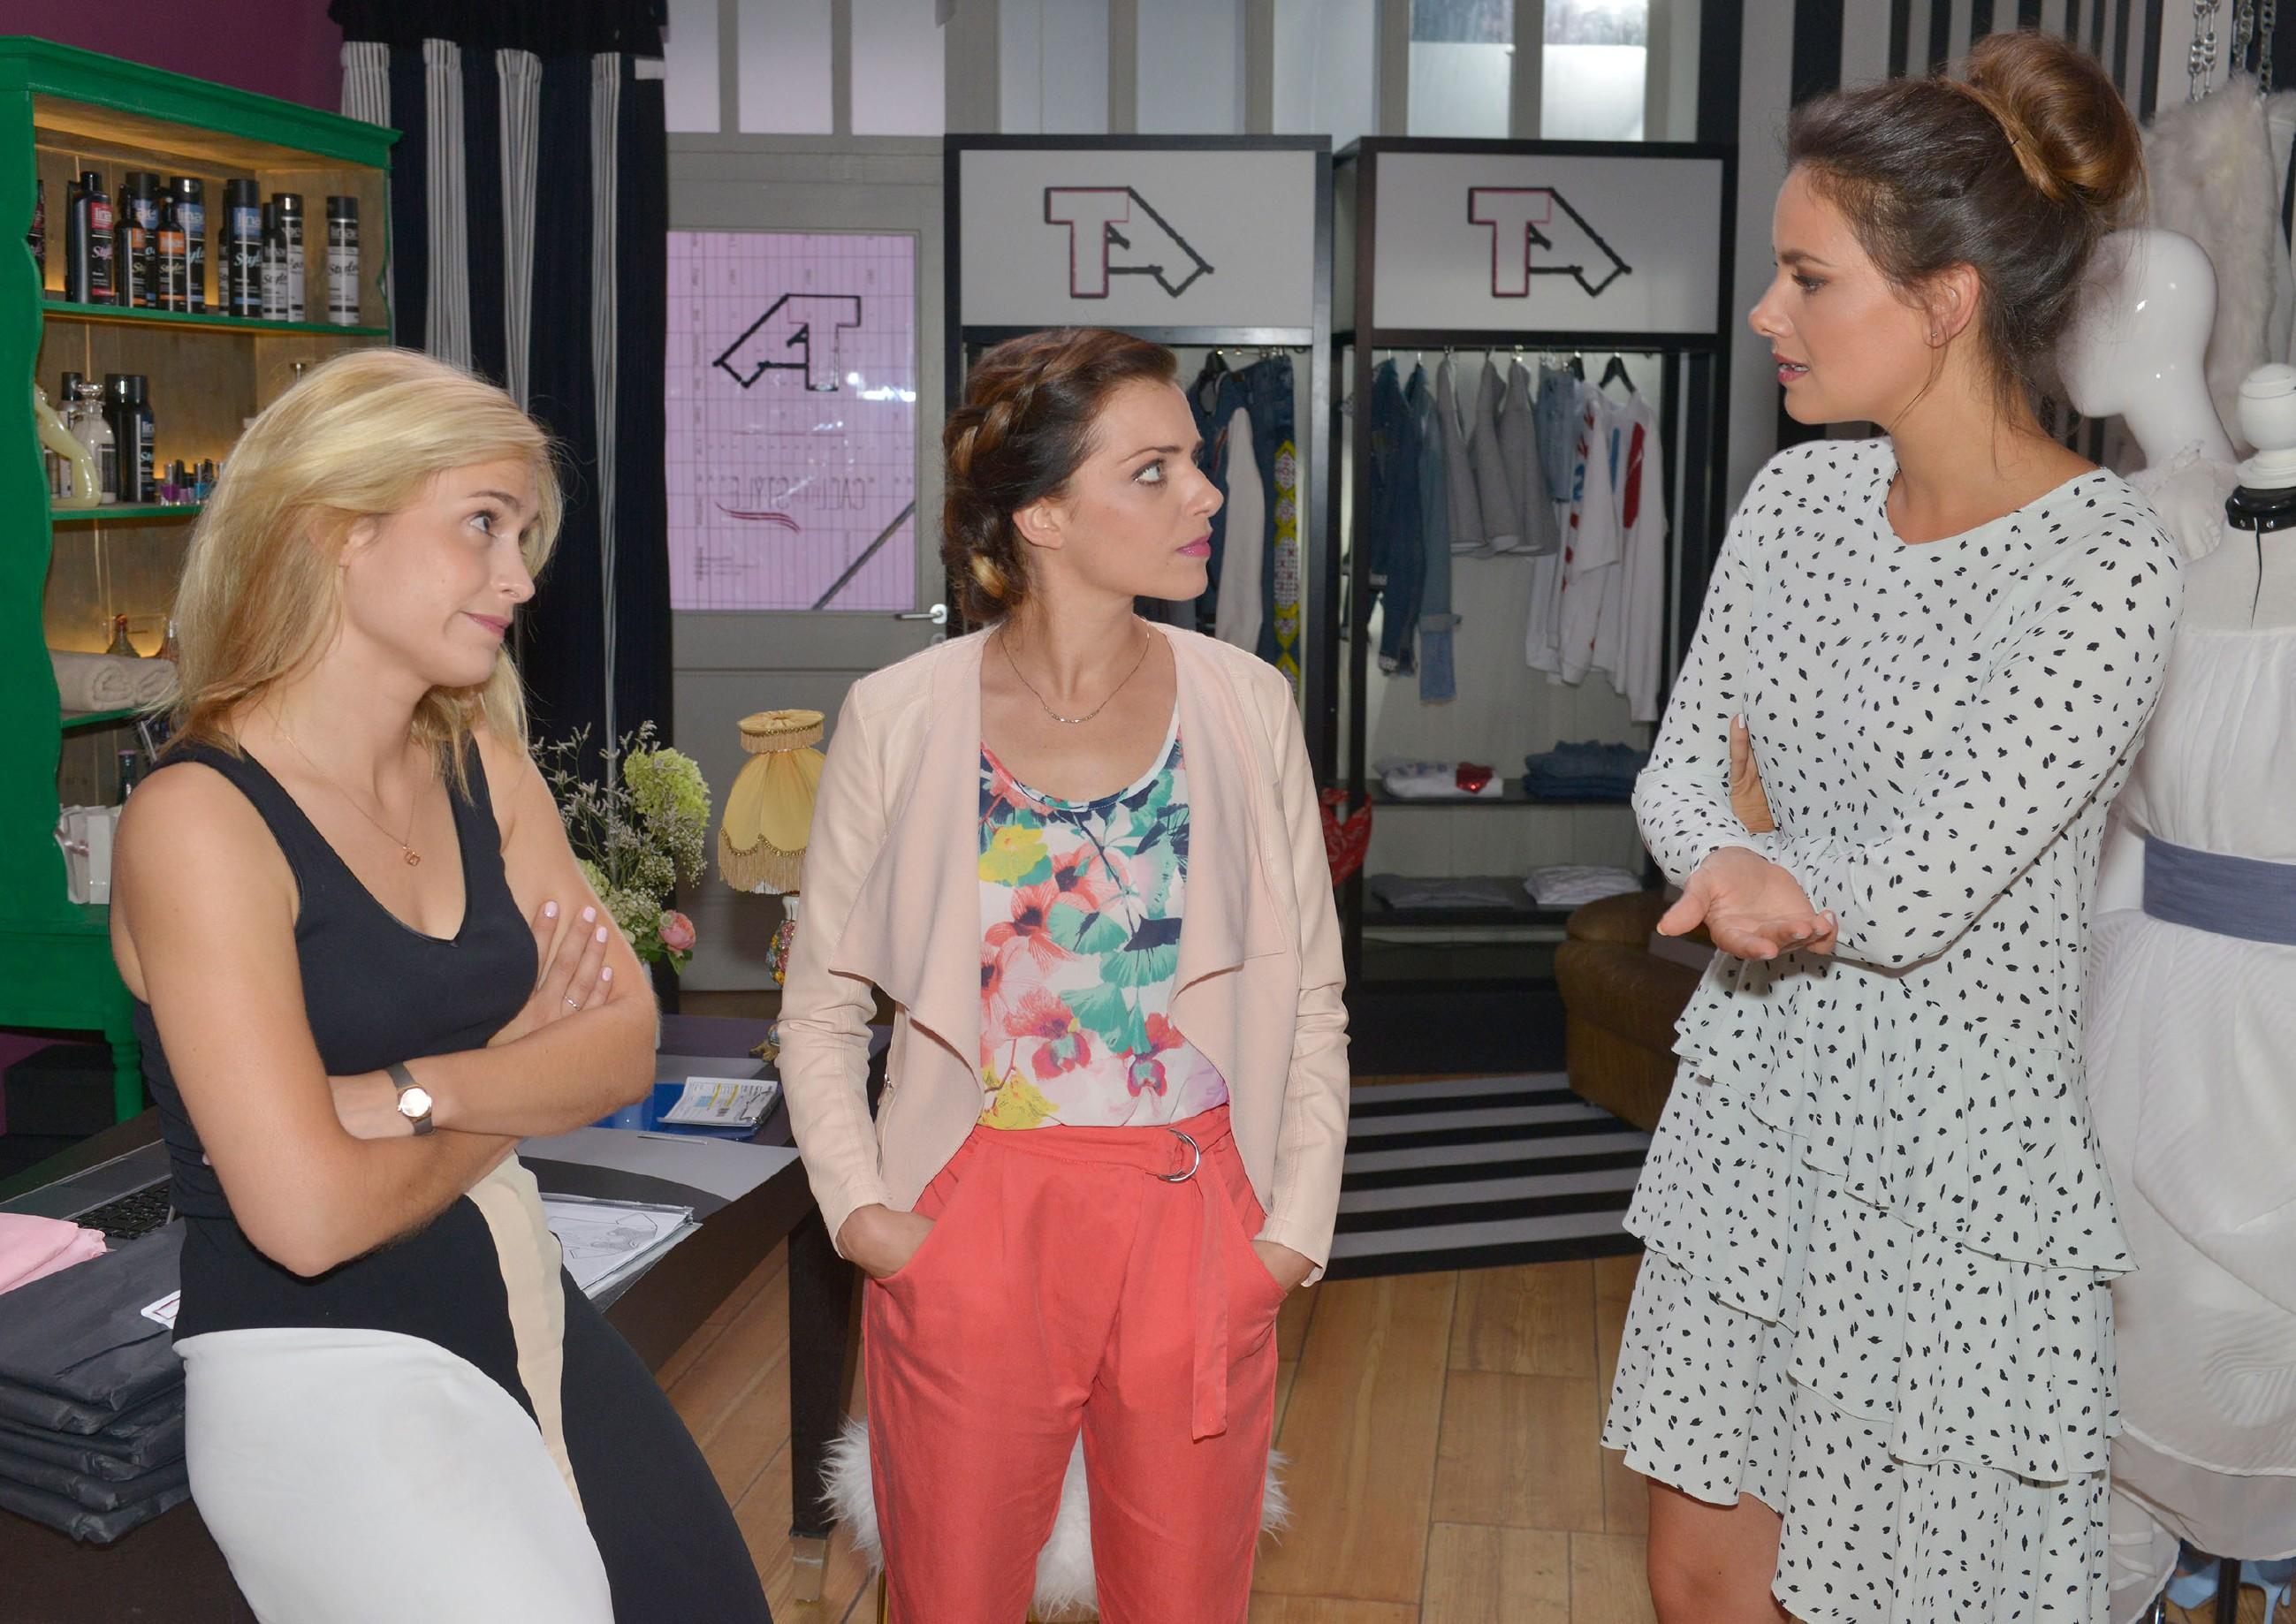 """Als Sophie (Lea Marlen Woitack, l.), Emily (Anne Menden, M.) und Jasmin (Janina Uhse) über ihre Rollen bei """"Tussi Attack""""diskutieren, droht ein Zicken-Krieg... (Quelle: © RTL / Rolf Baumgartner)"""